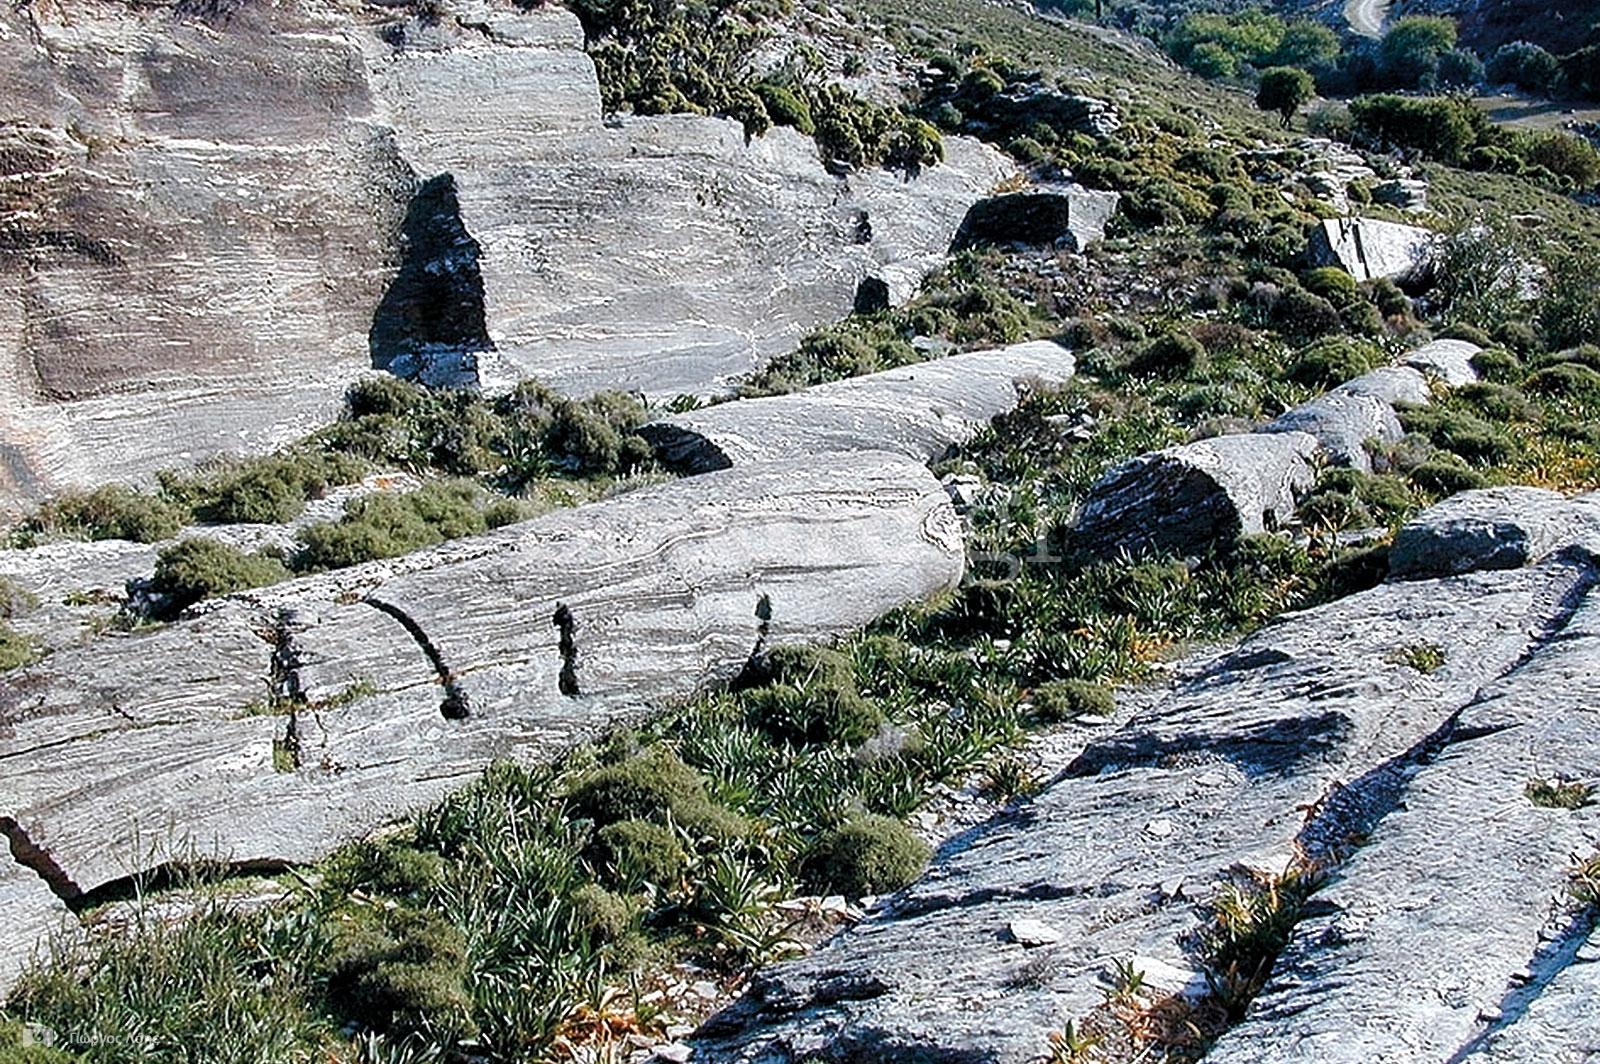 22-Αρχαίο-λατομείο-κοντά-στον-οικισμό-Αετός-Καρύστου-όπου-υπάρχουν-ημιτελείς-μονολιθικοί-κίονες